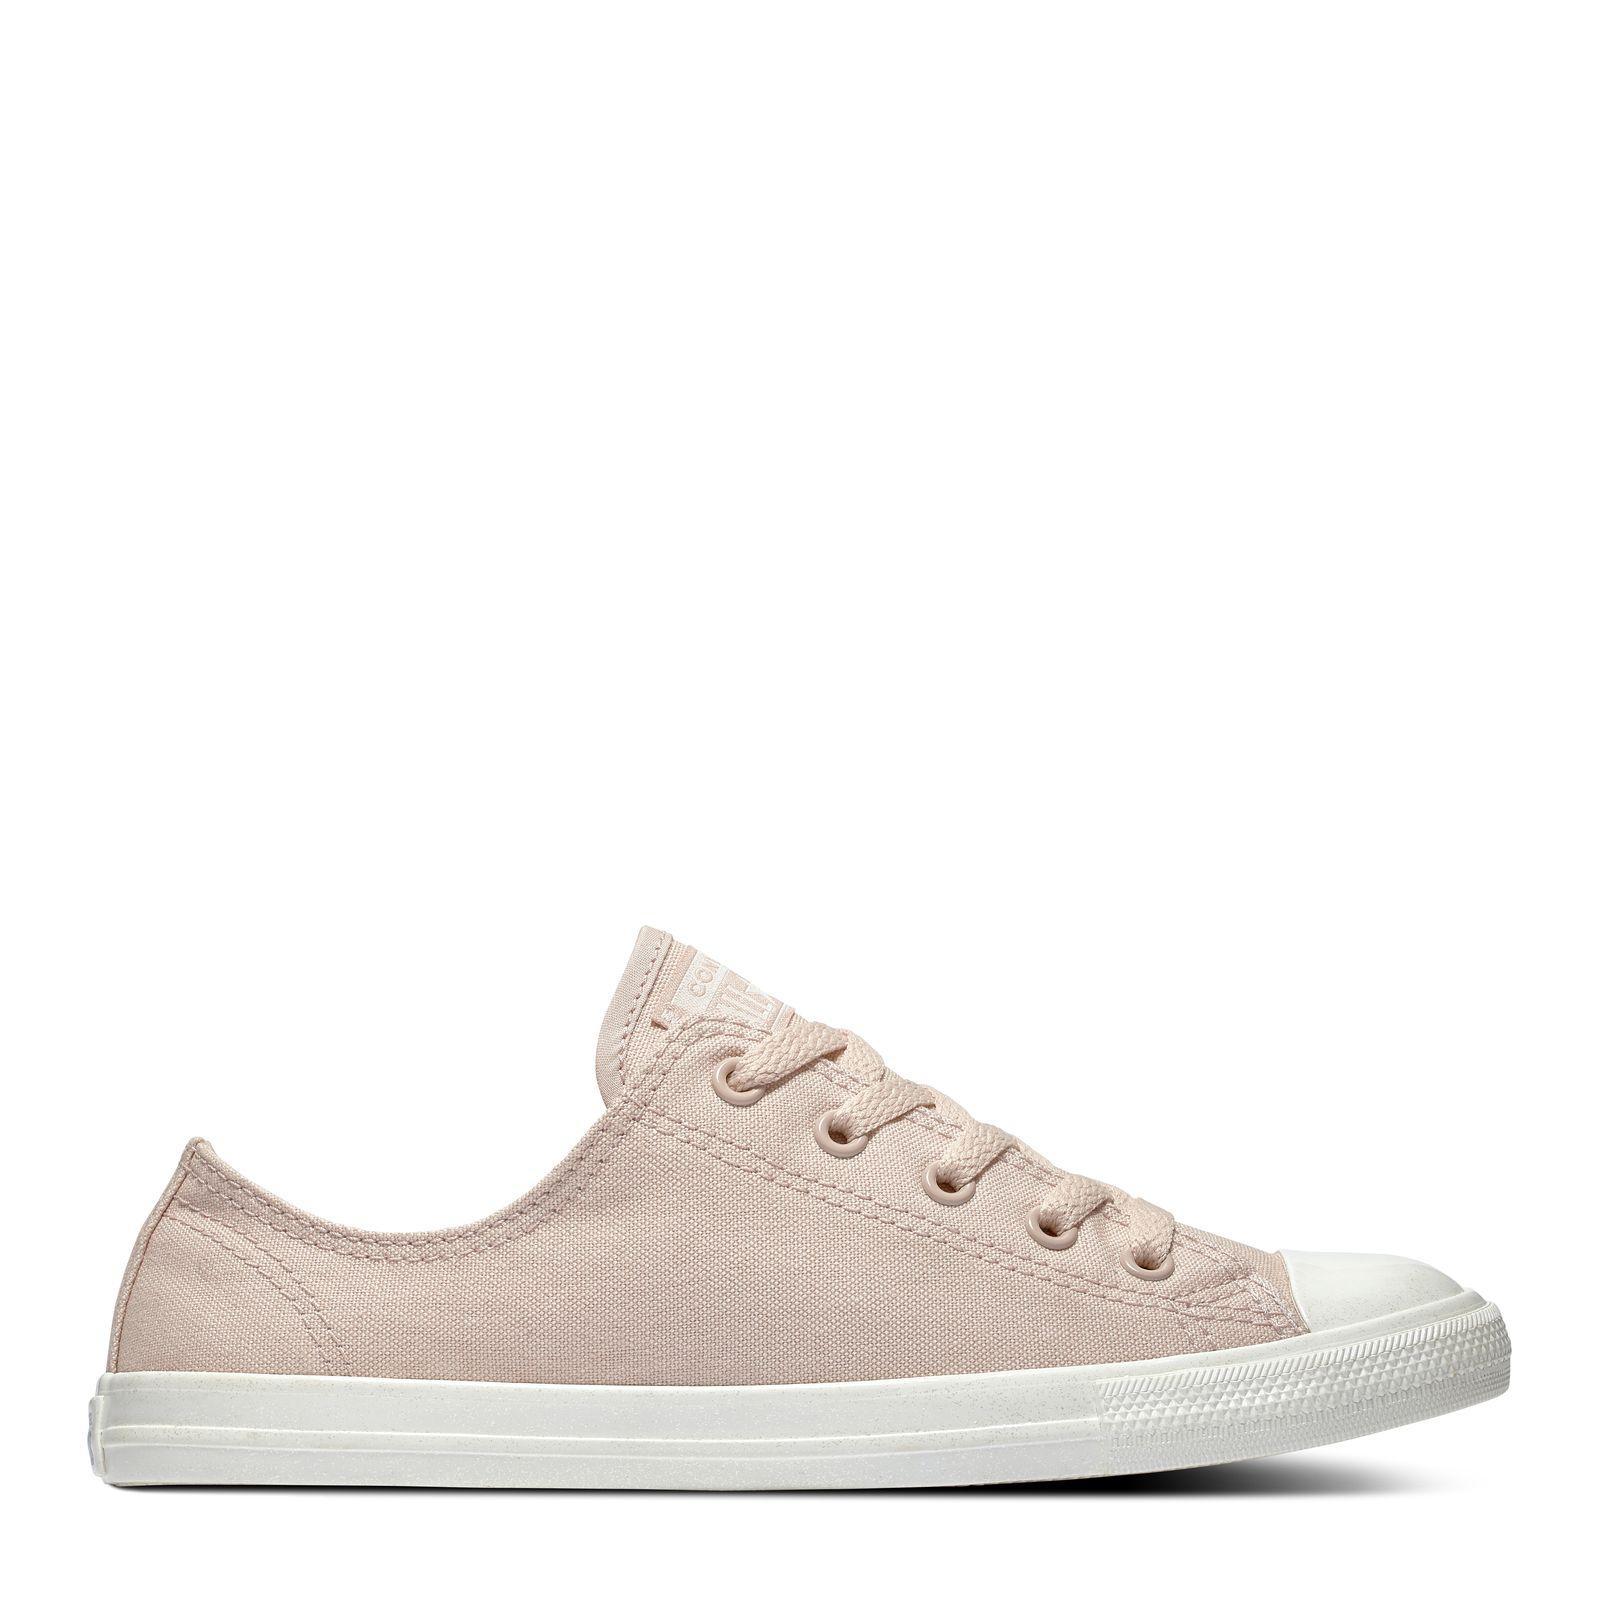 19ba3b1f45d Buy Converse Shoes